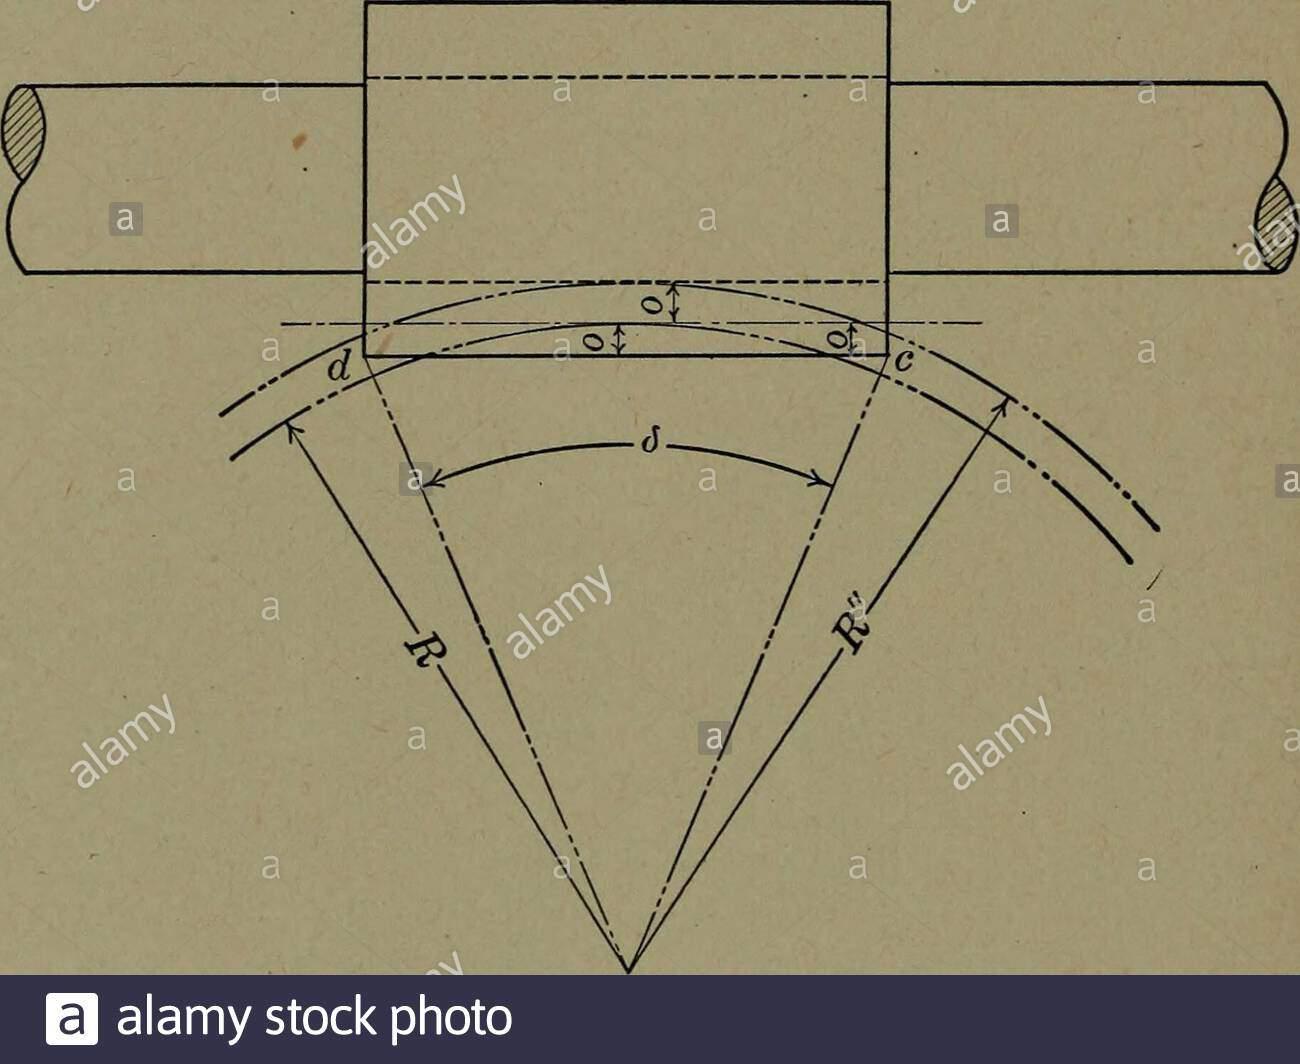 schnecken riebe auf anzahl der threads auf einem wormhas folgende verhaltnis zu seinen pitch line durchmesser nd=np kinderbett ein 3 tzdn = 4 p kinderbett ein und anzahl der threads zu finden ist es zunachst notwendig zu knowthe wert der lead angle ein wiederum hangt von thelead l und ses wiederum auf riebeubersetzung erforderlich das ubersetzungsverhaltnis g verfugt uber folgenden wert ttd l 5 daher d g 6 und leitung der winkel a ist dass tan a m 7 substitution von gleichung 6 nd g tan= tnd 7 0d tan a 8 aus der eine ist auf einmal gefunden und von sem den wert von n gleichung 4 d 2am80hm